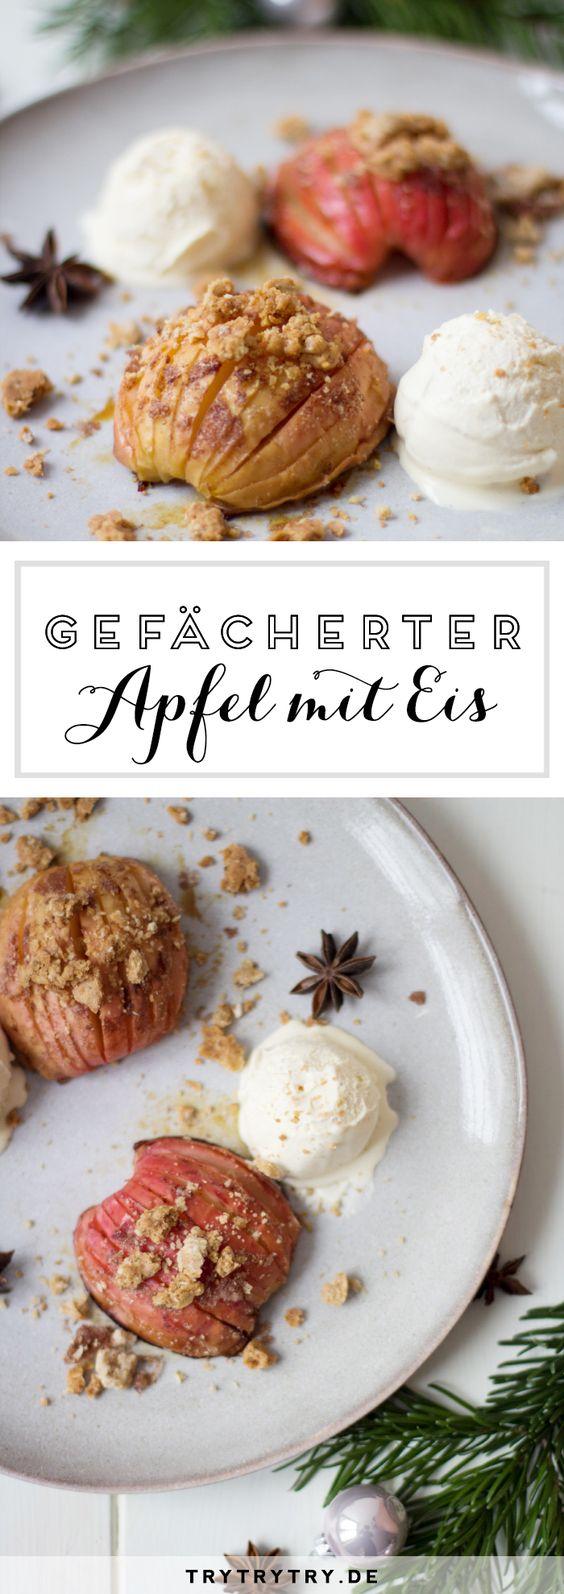 Gefächerter Apfel mit Vanilleeis - Die Bratapfelalternative